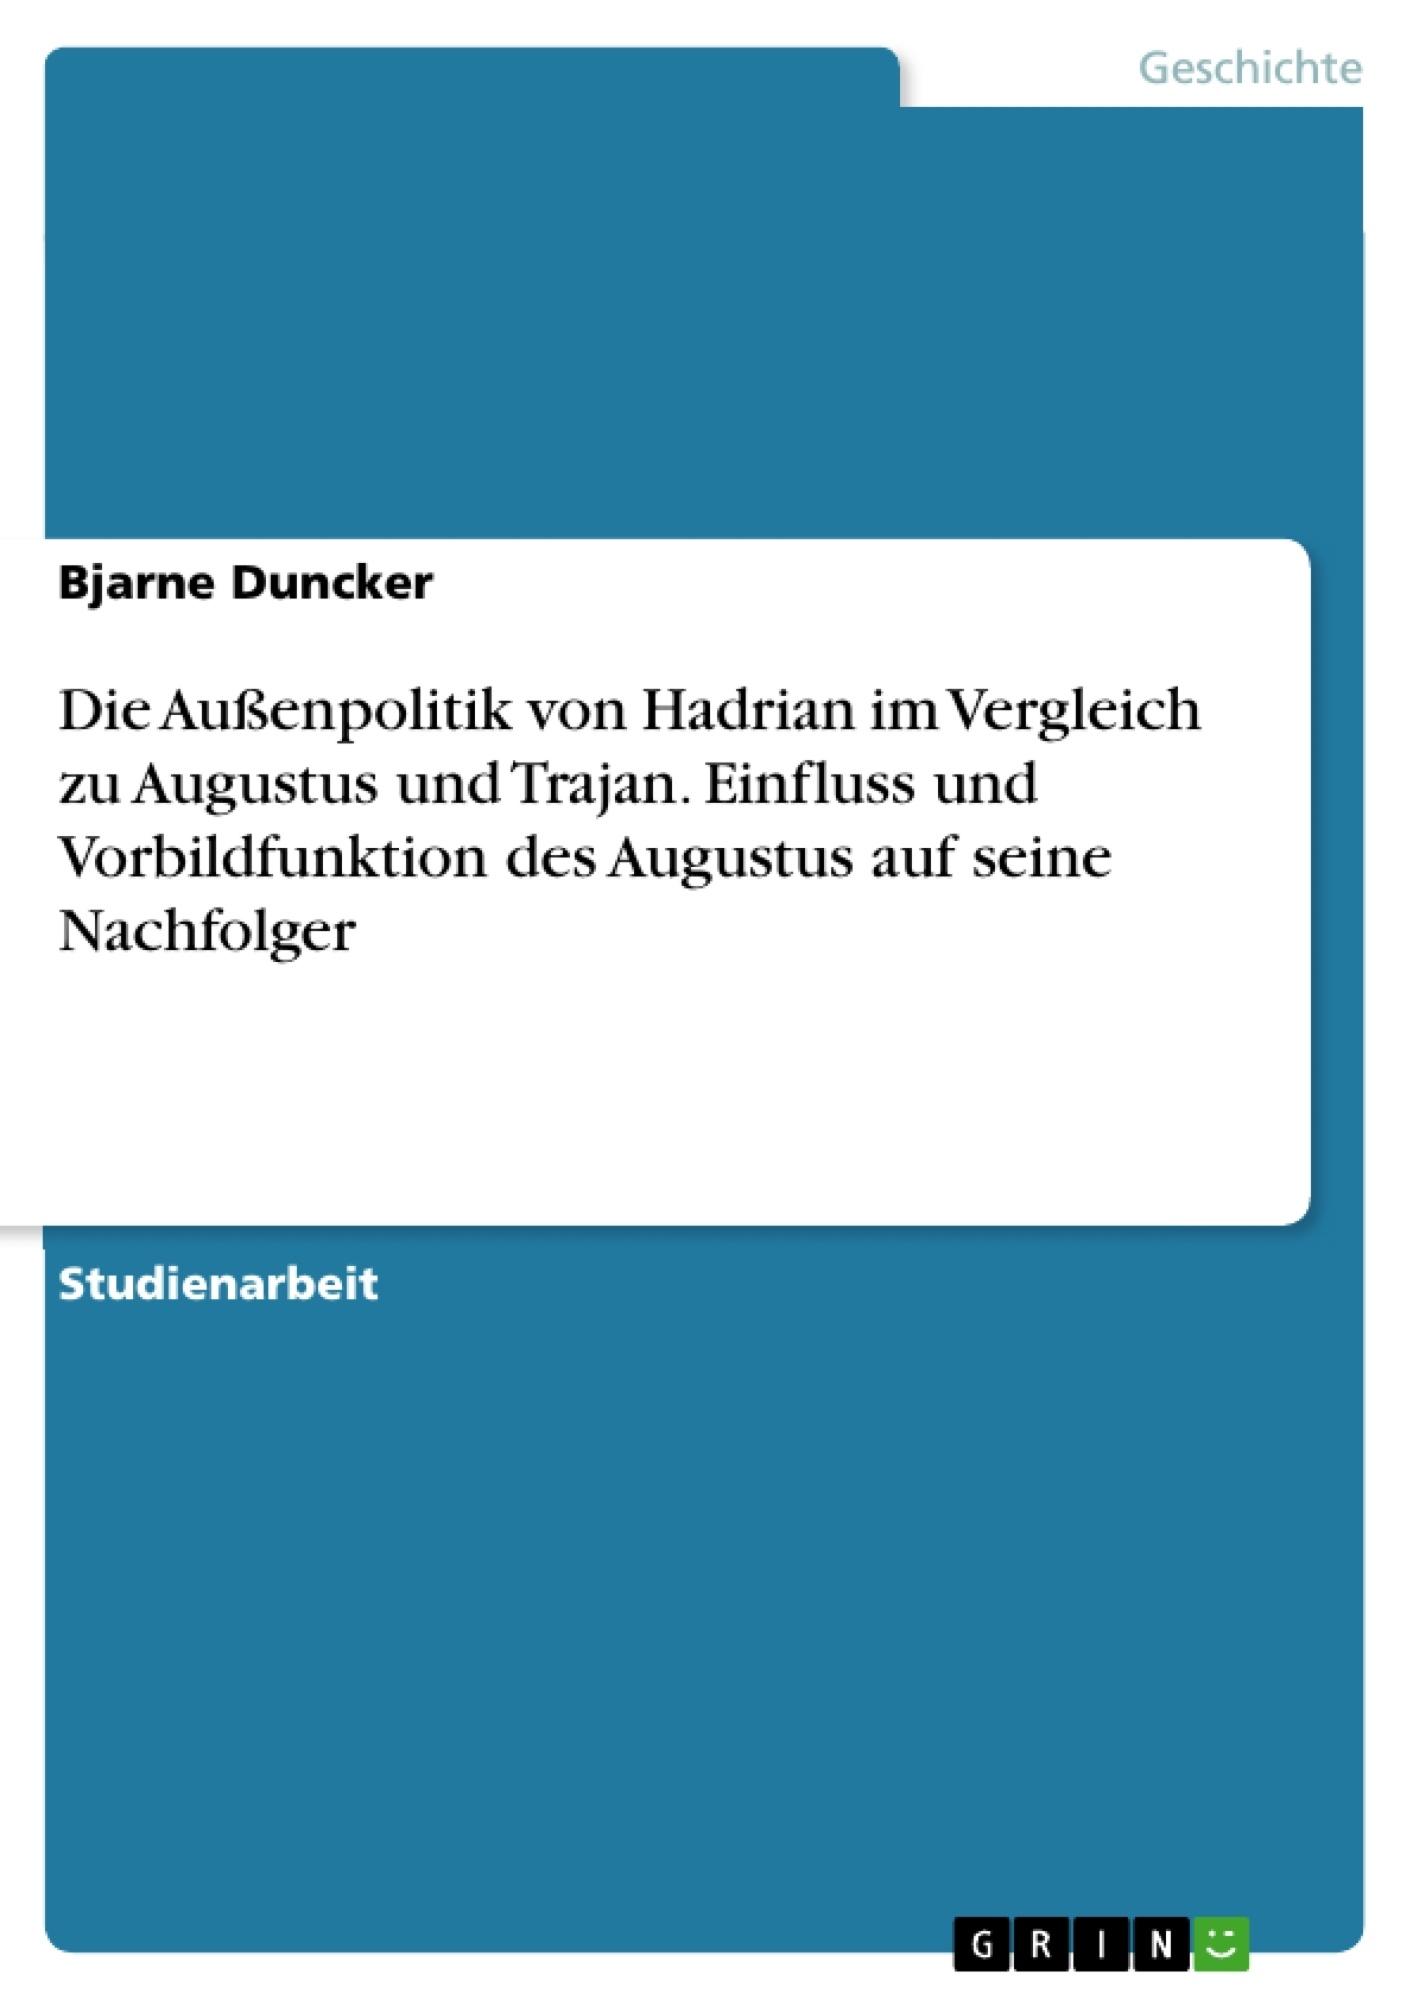 Titel: Die Außenpolitik von Hadrian im Vergleich zu Augustus und Trajan. Einfluss und Vorbildfunktion des Augustus auf seine Nachfolger